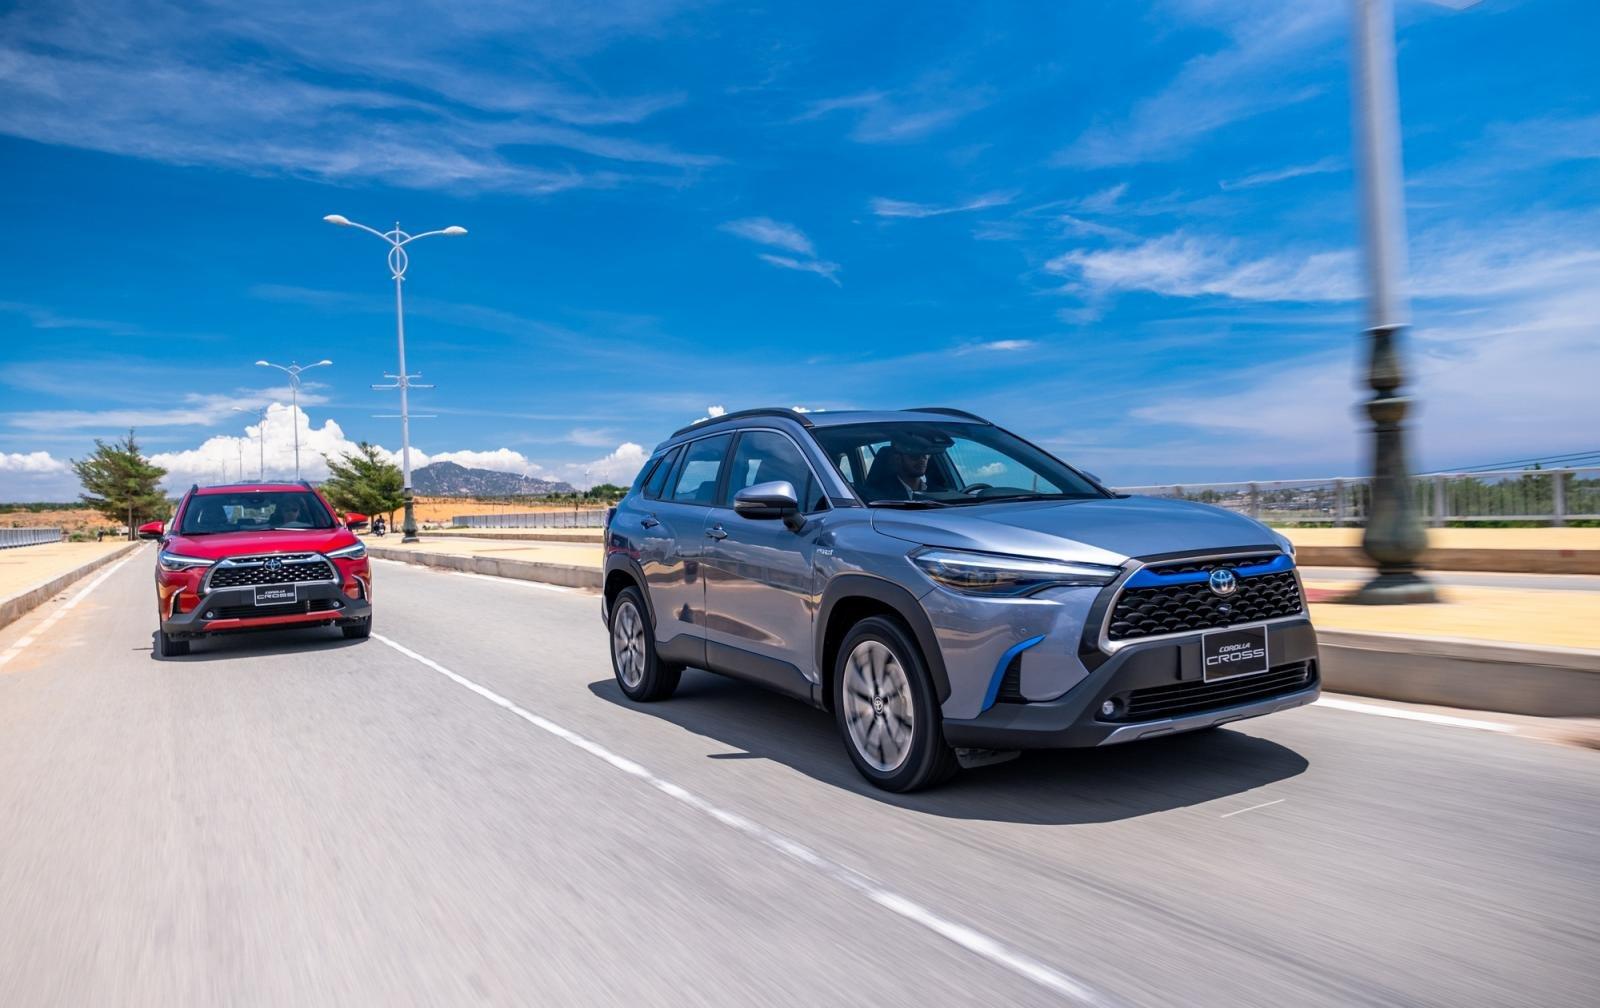 Toyota Fortuner, Corolla Cross và Rush, tái định hình phong cách chọn xe SUV của người Việt a3